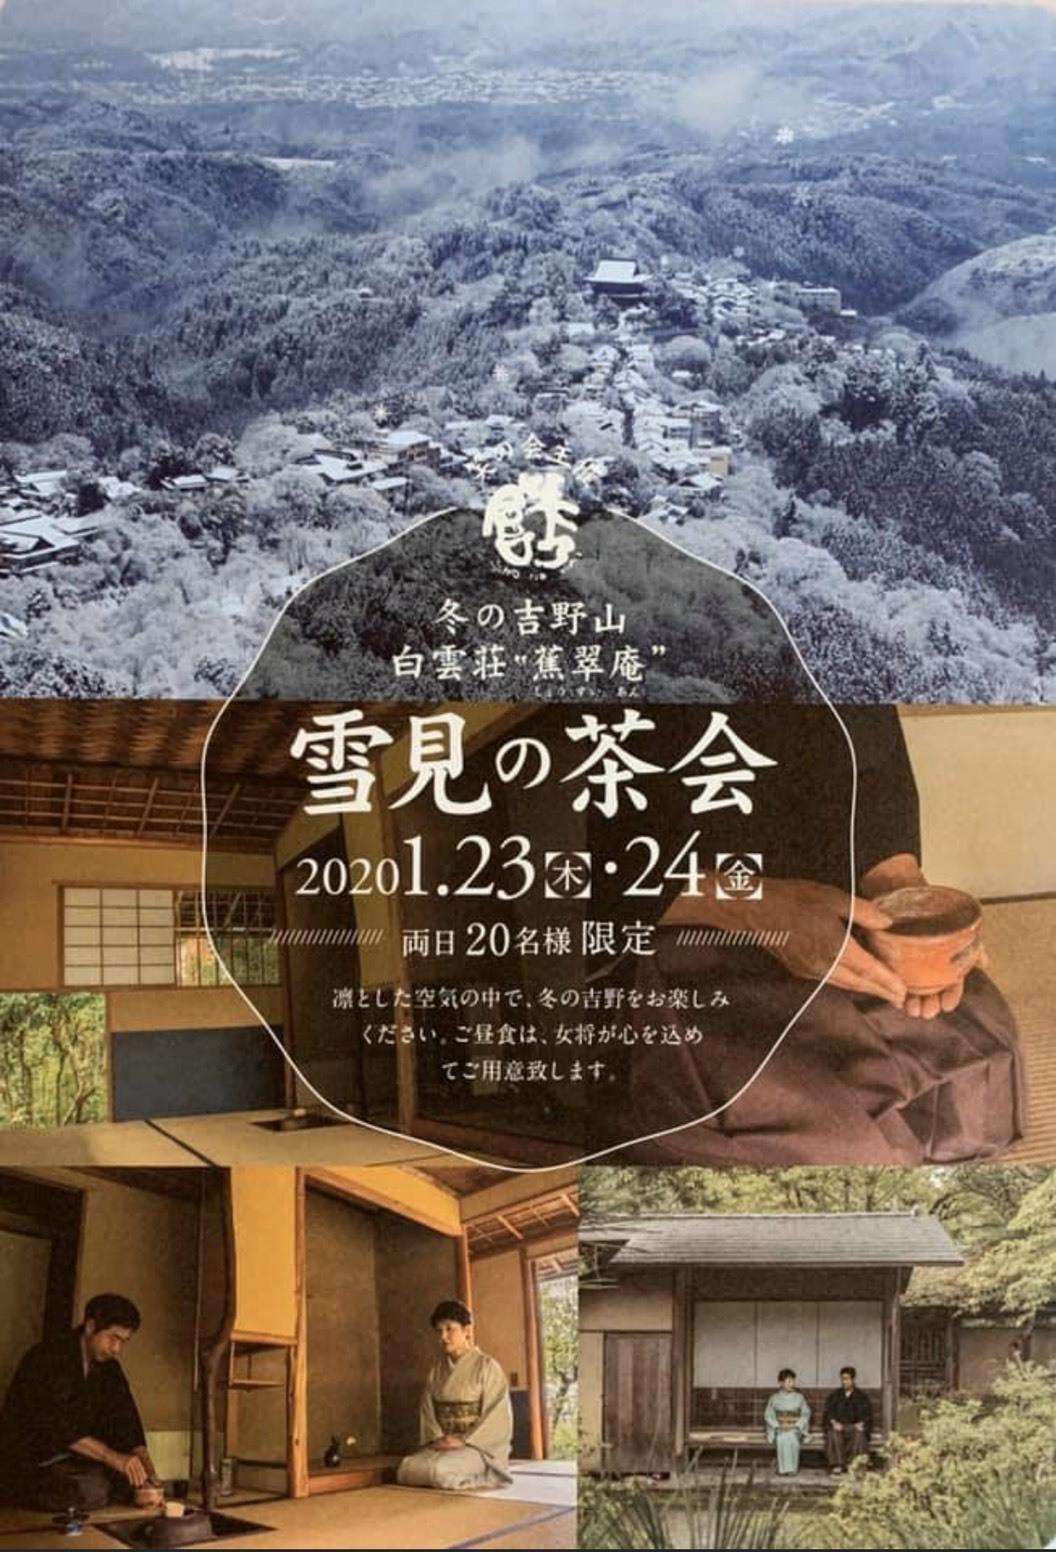 吉野山 笑の会 冬の催し お知らせ★_e0154524_19115711.jpg